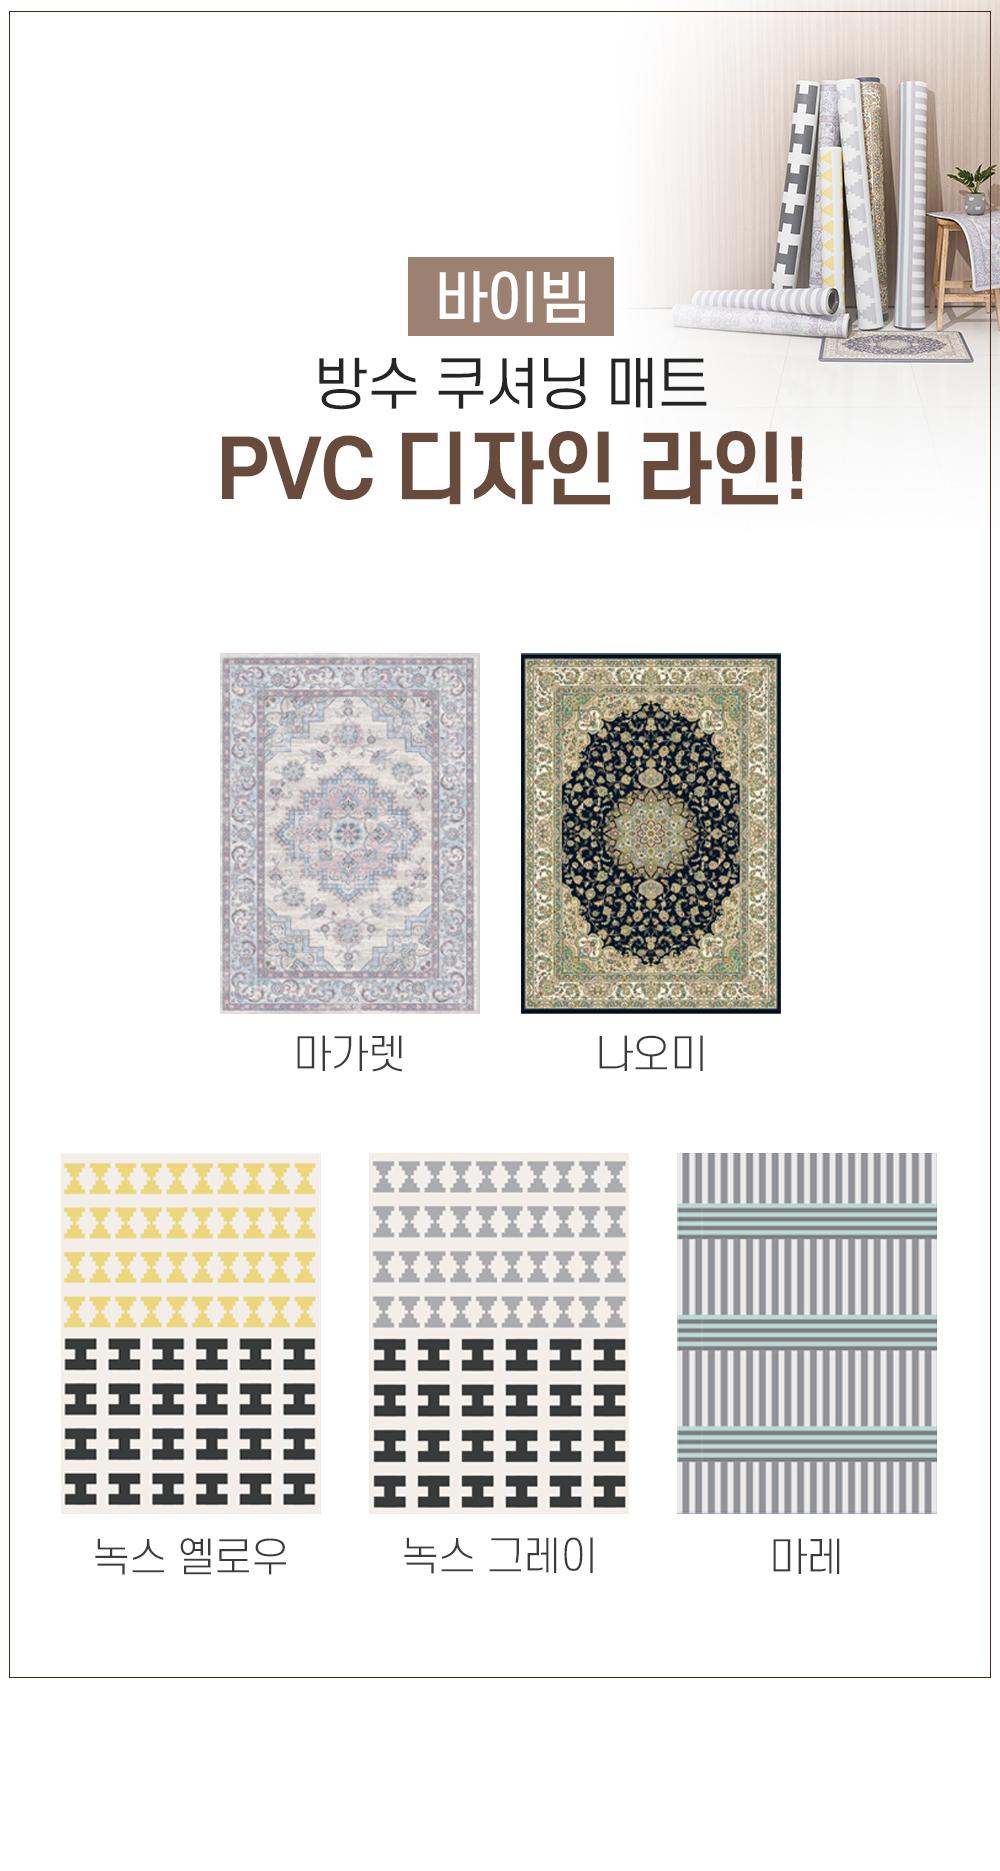 바이빔 PVC 매트 라인업